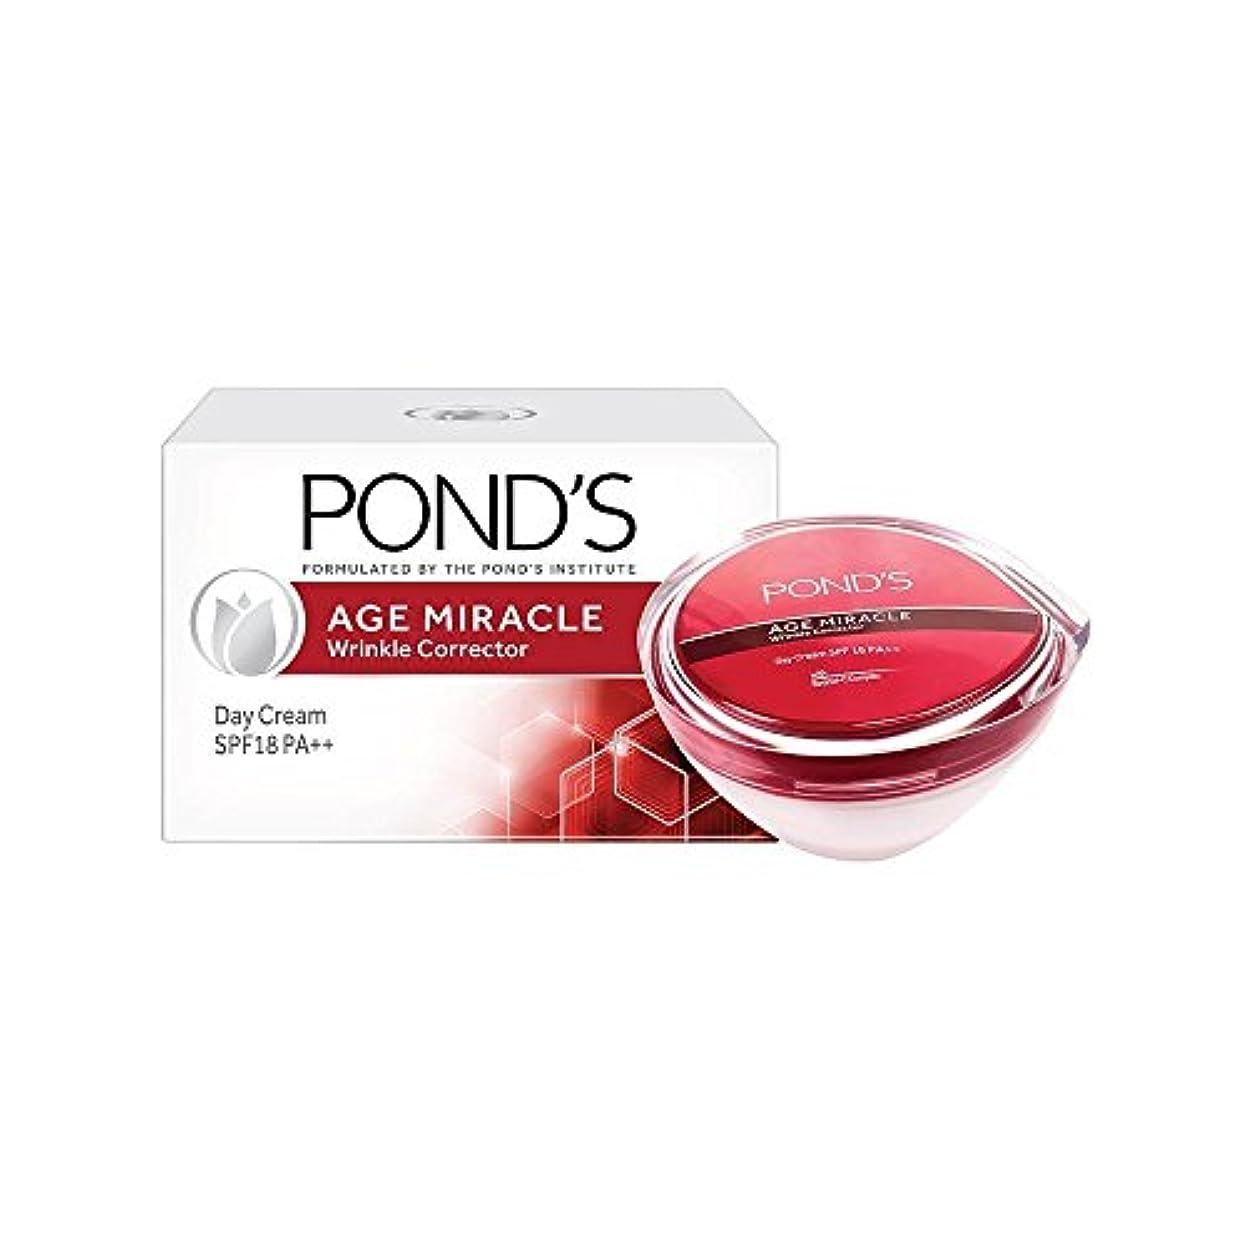 リズミカルなあいまいさマートPOND 'S年齢ミラクルデイクリーム50グラム。セール!POND'S Age Miracle Day Cream 50g. Sale!!!